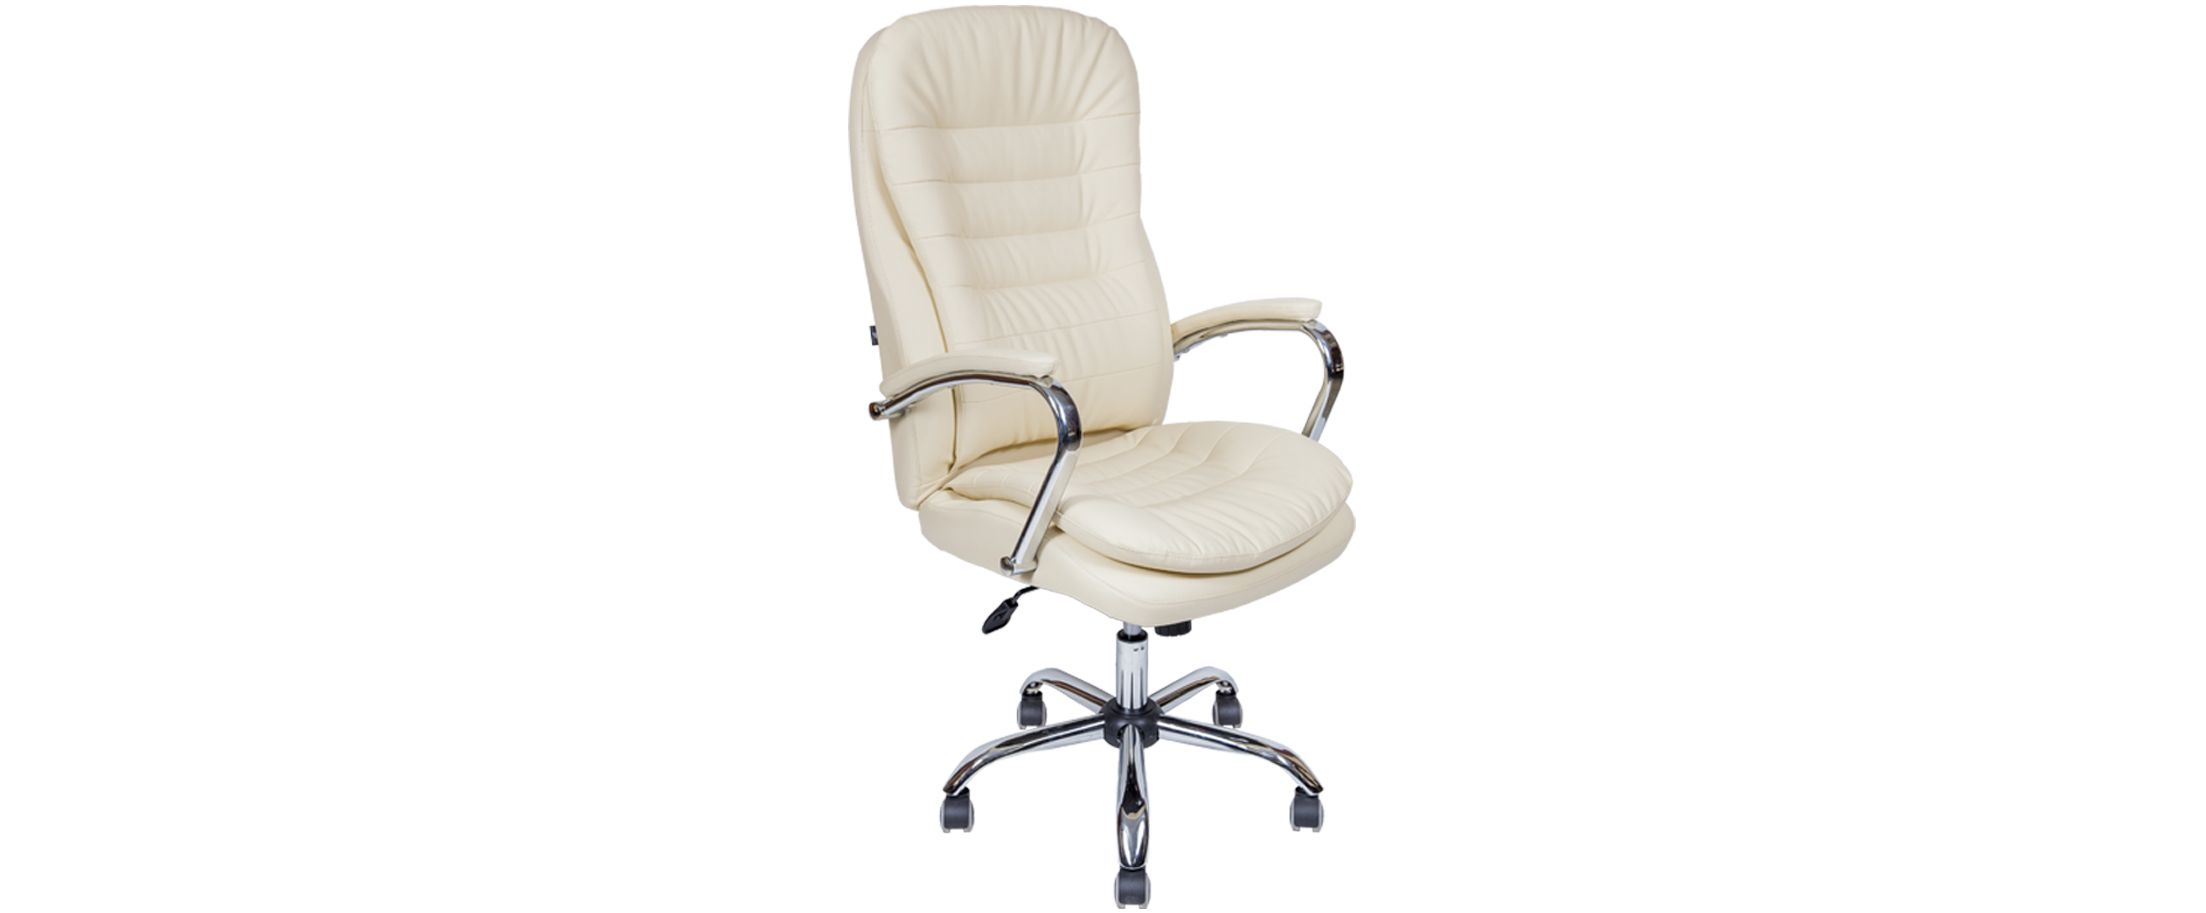 Кресло офисное AV 118 из экокожи цвет слоновая кость Модель 999Кресло офисное AV 118 из экокожи цвет слоновая кость Модель 999. Артикул Д000695<br>